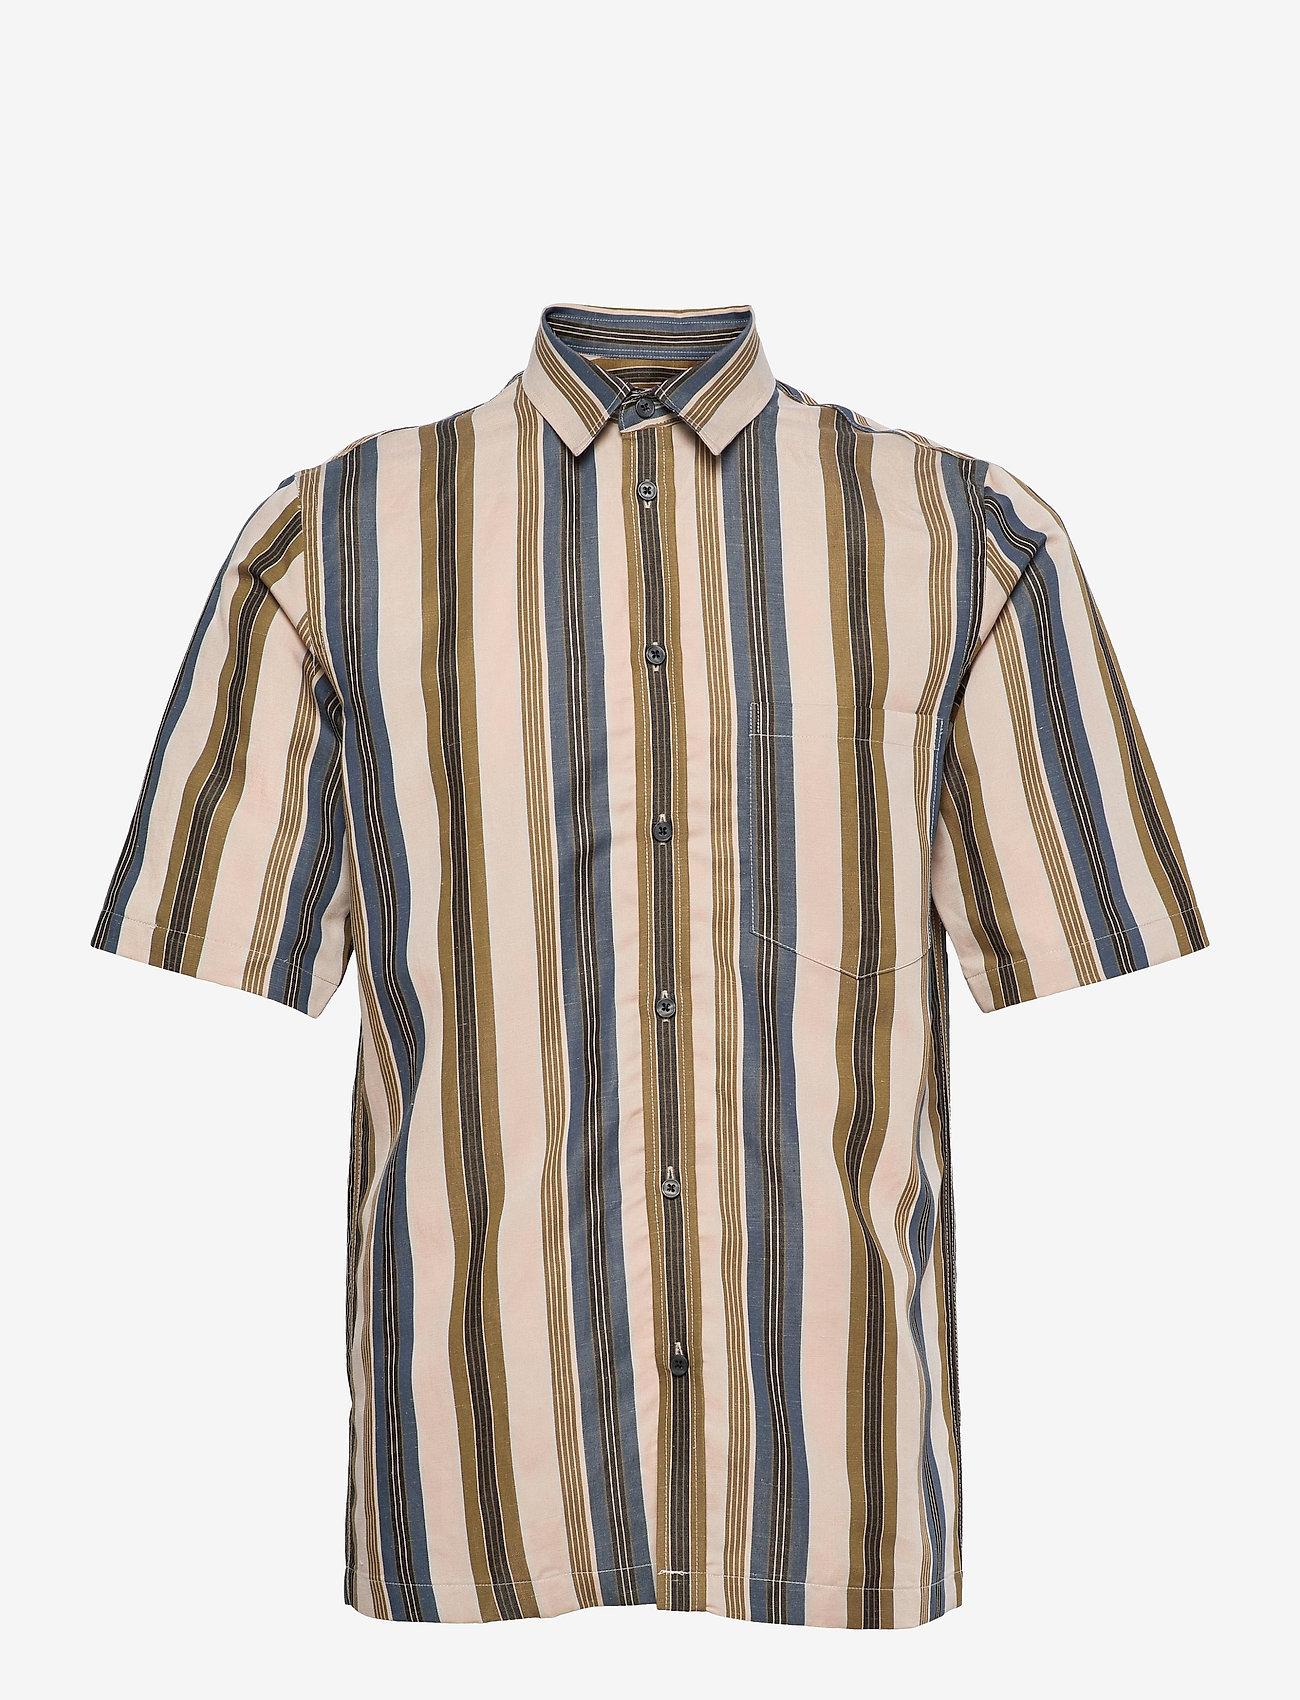 Samsøe Samsøe - Taro NP shirt 11526 - basic overhemden - orion blue st. - 0